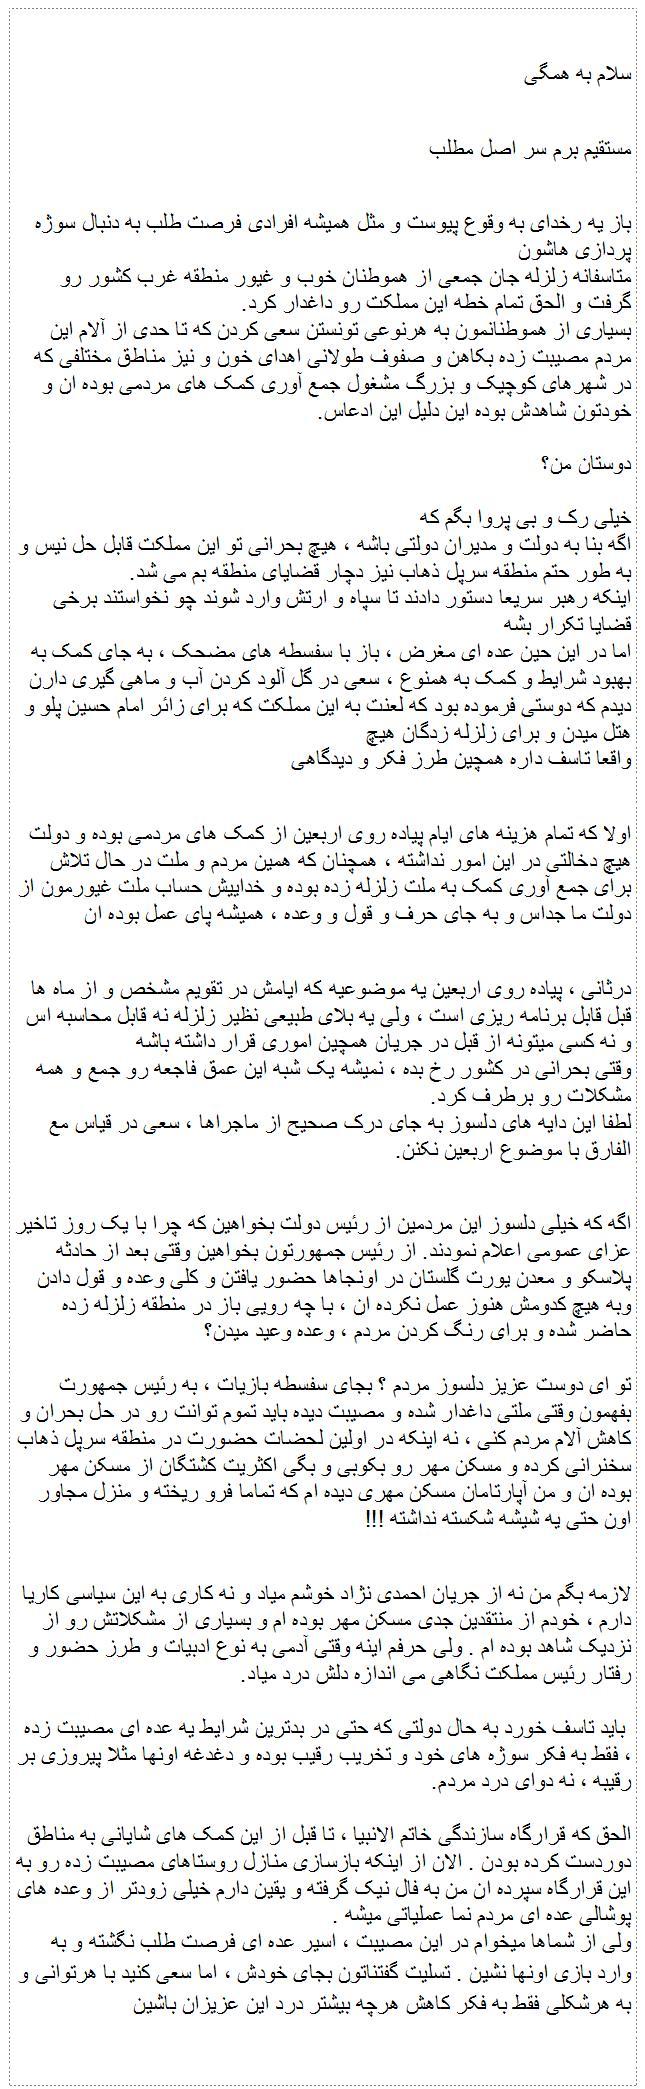 امان از سوژه پردازهای همیشه در صحنه - رضا210